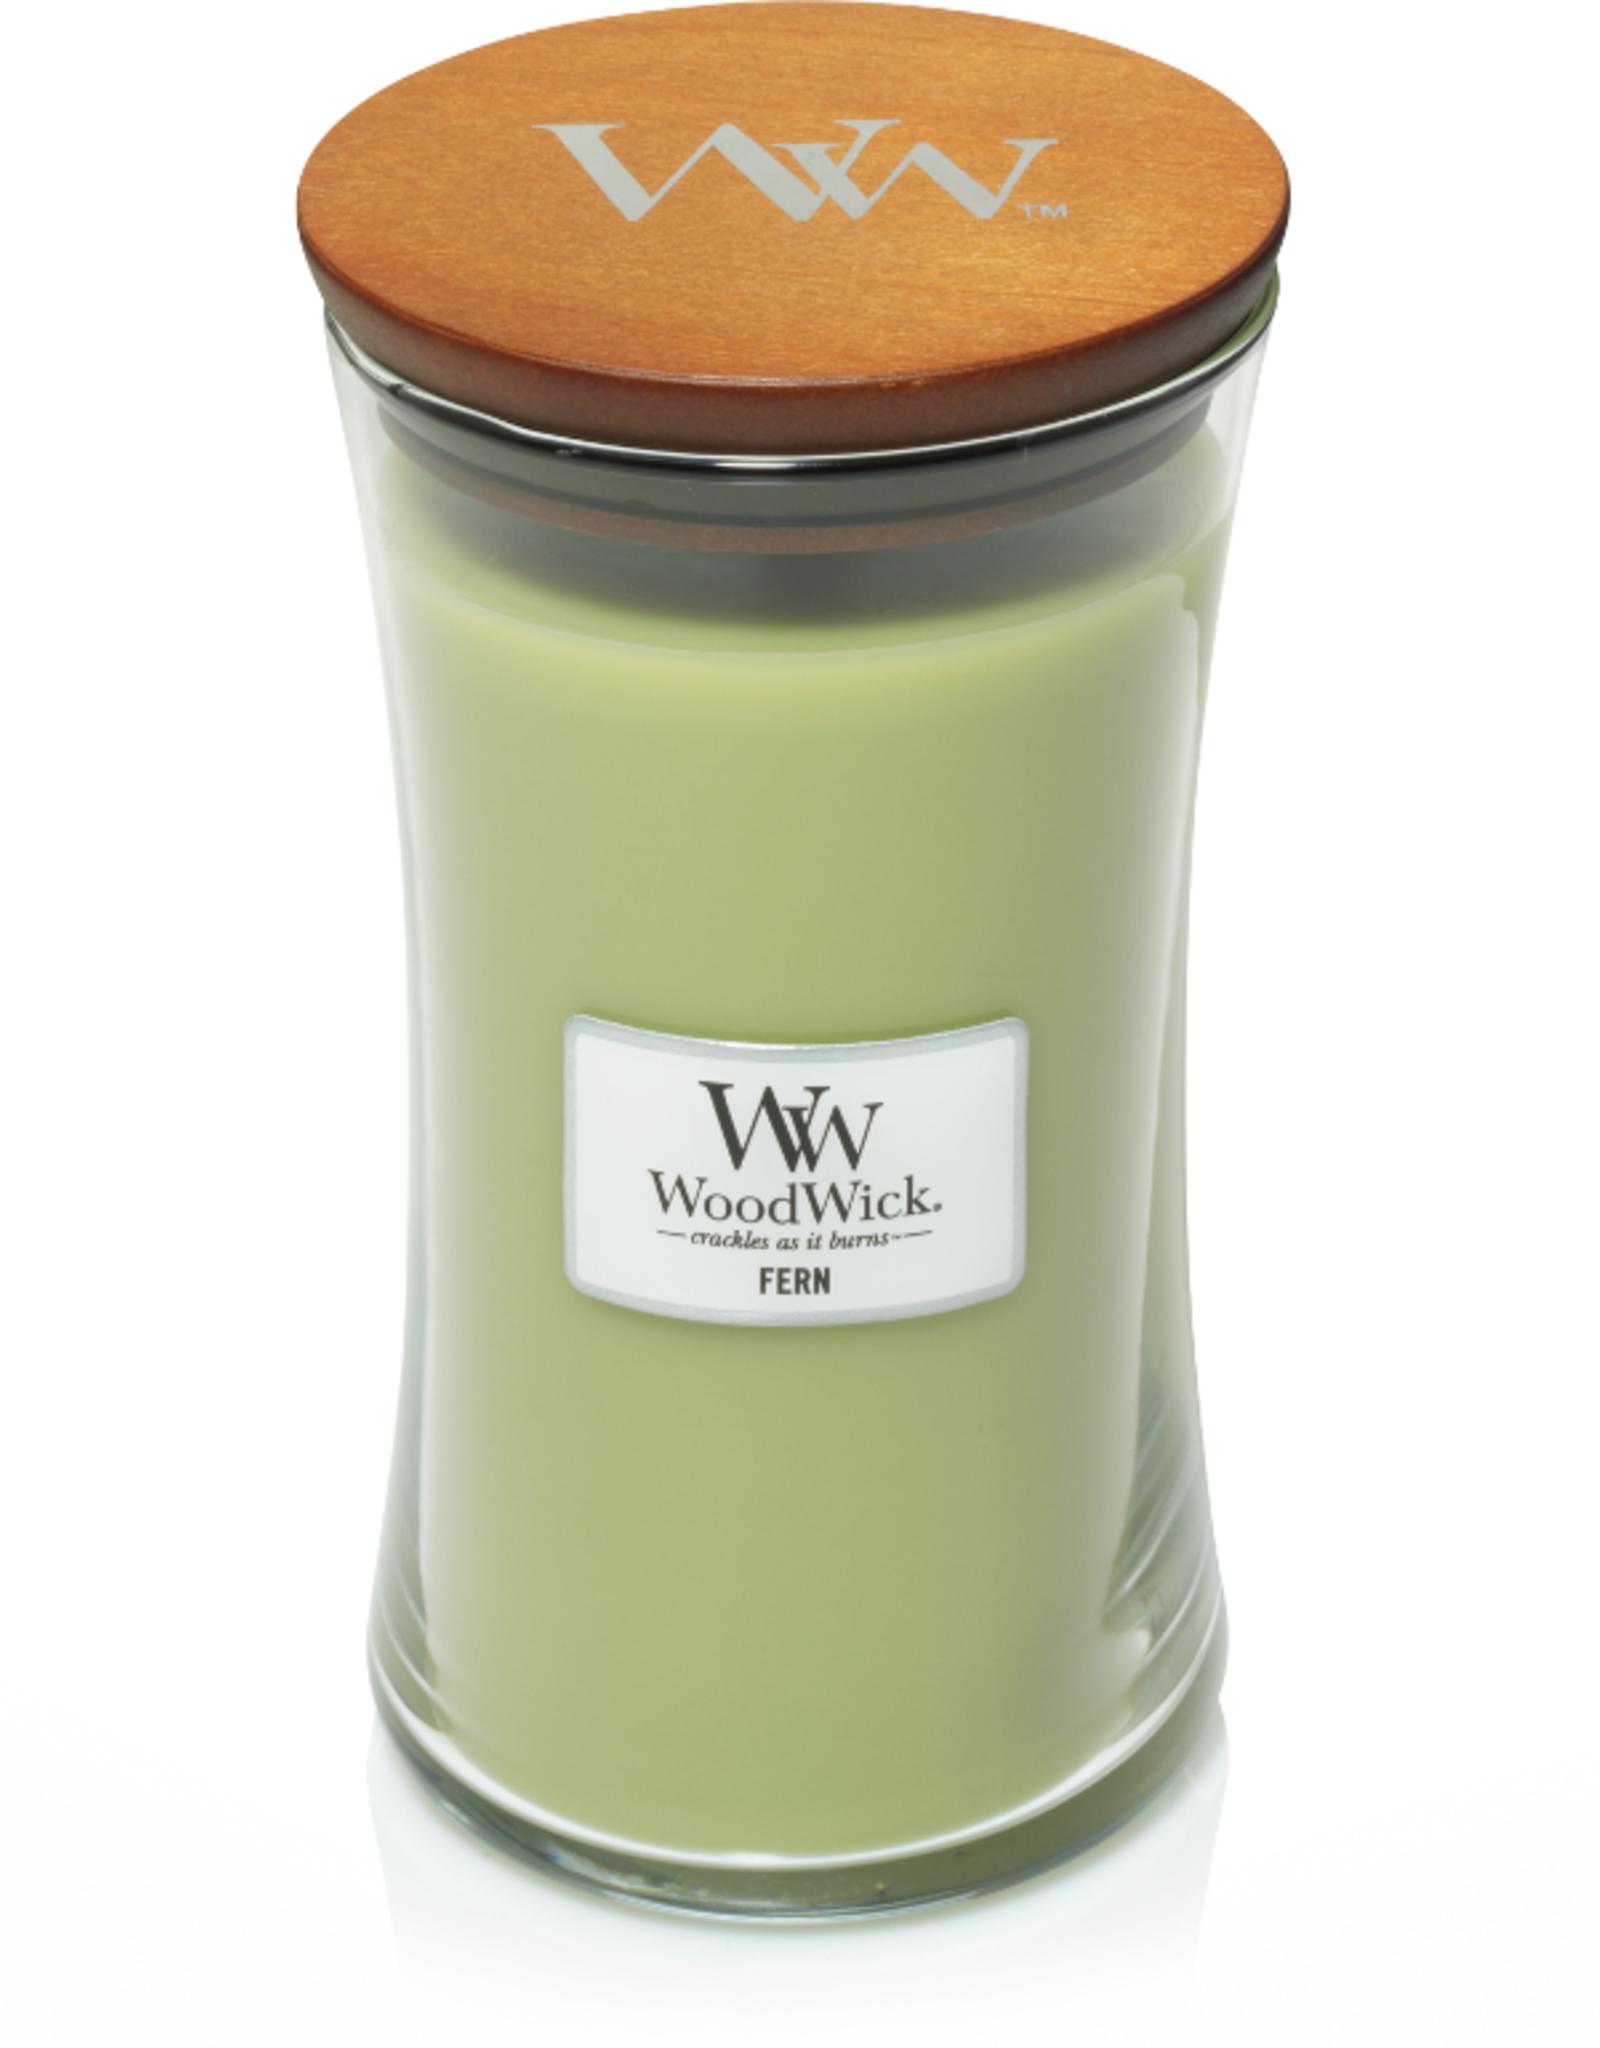 Woodwick Woodwick Fern Large Candle